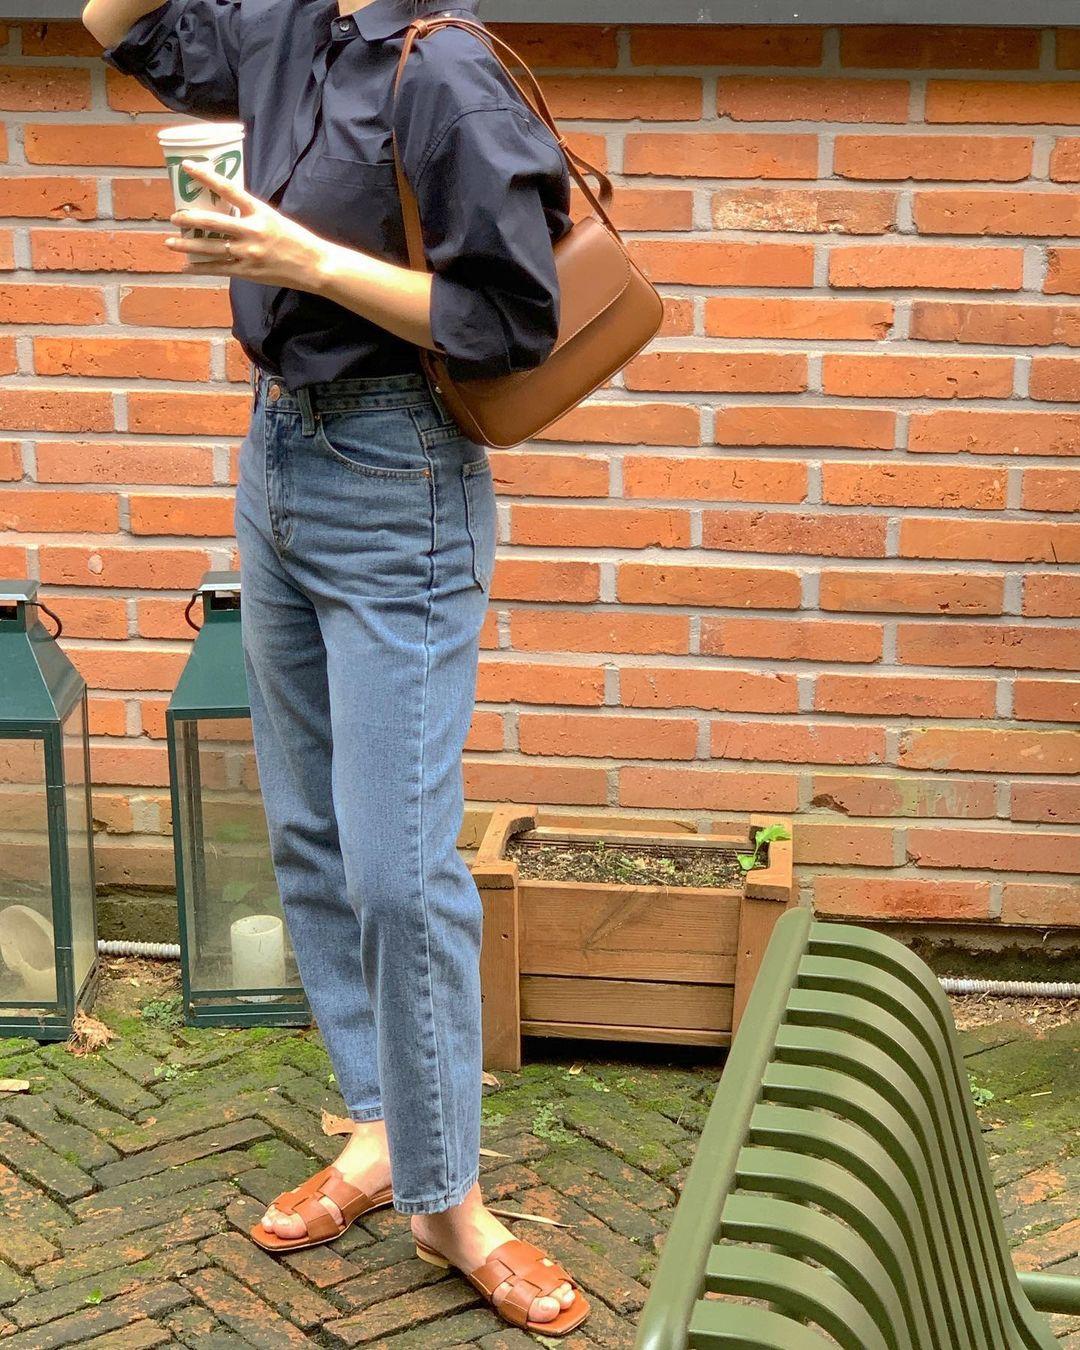 Hay đi giày bệt thì chị em hãy mặc 4 kiểu quần này: Không lo thấp đi mà vóc dáng còn cao ráo hơn hẳn